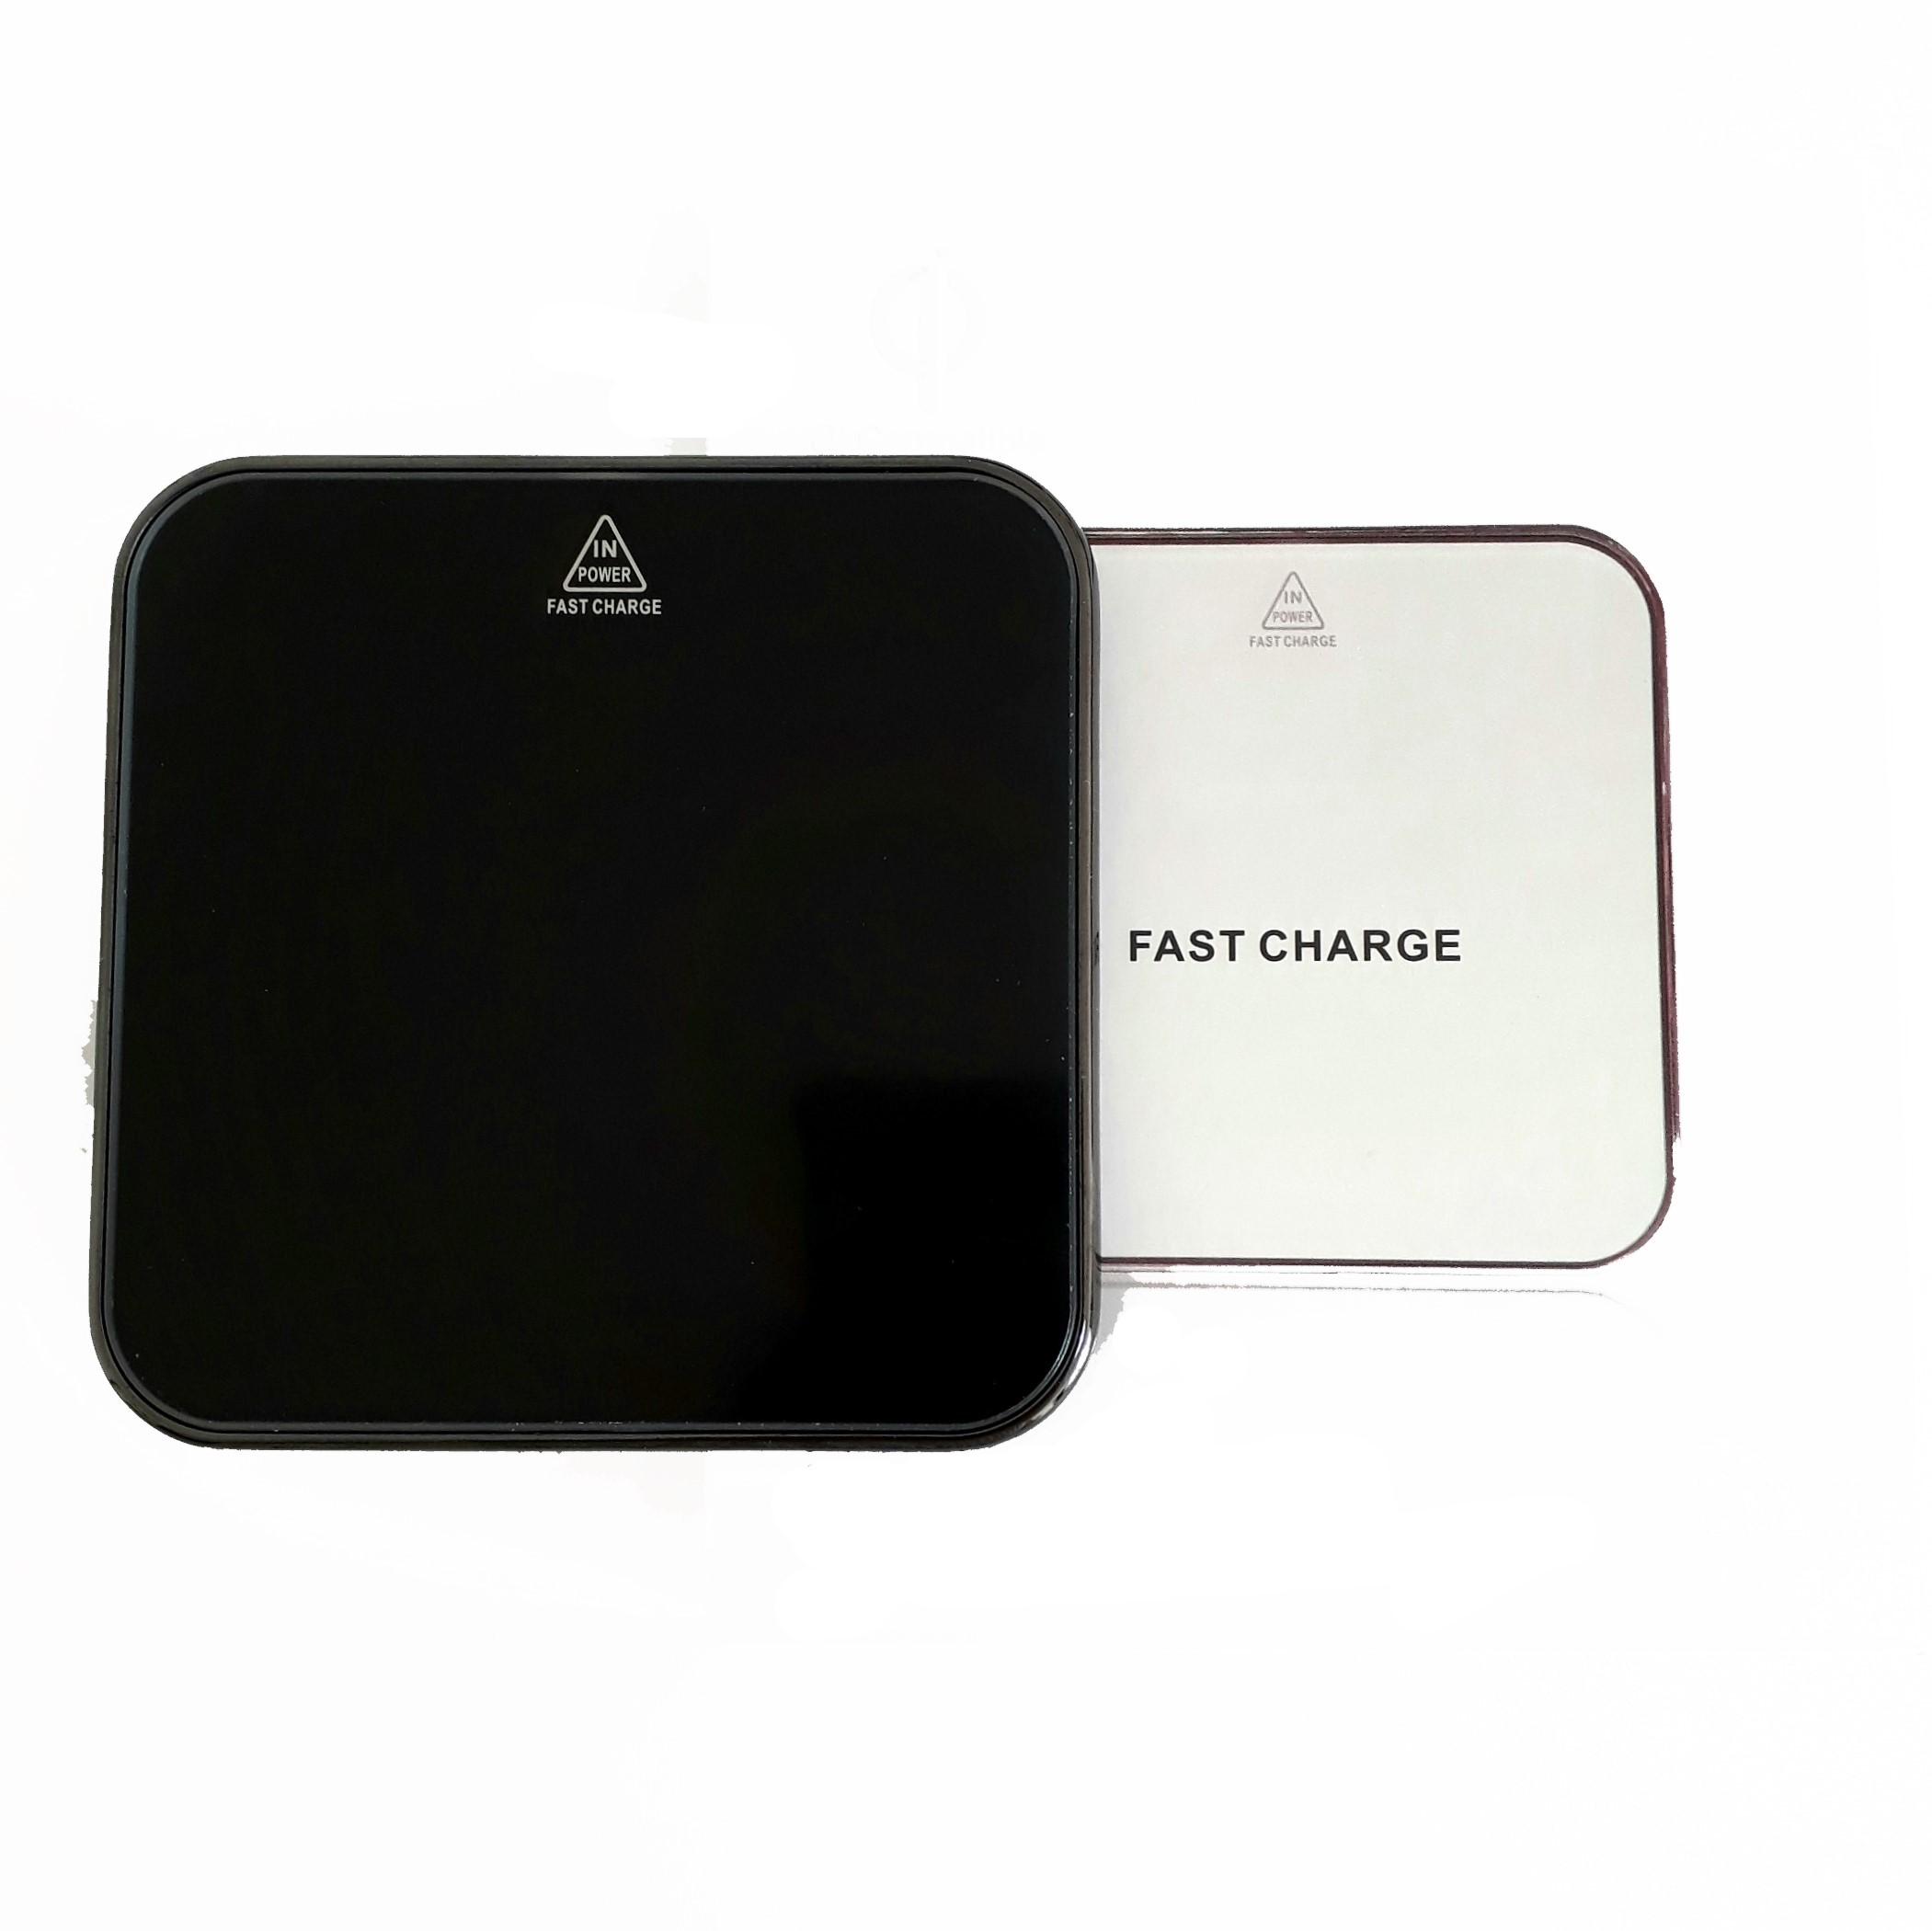 iPhone Samsung Kablosuz Temassız Hızlı Şarj Cihazı Aleti Masaüstü